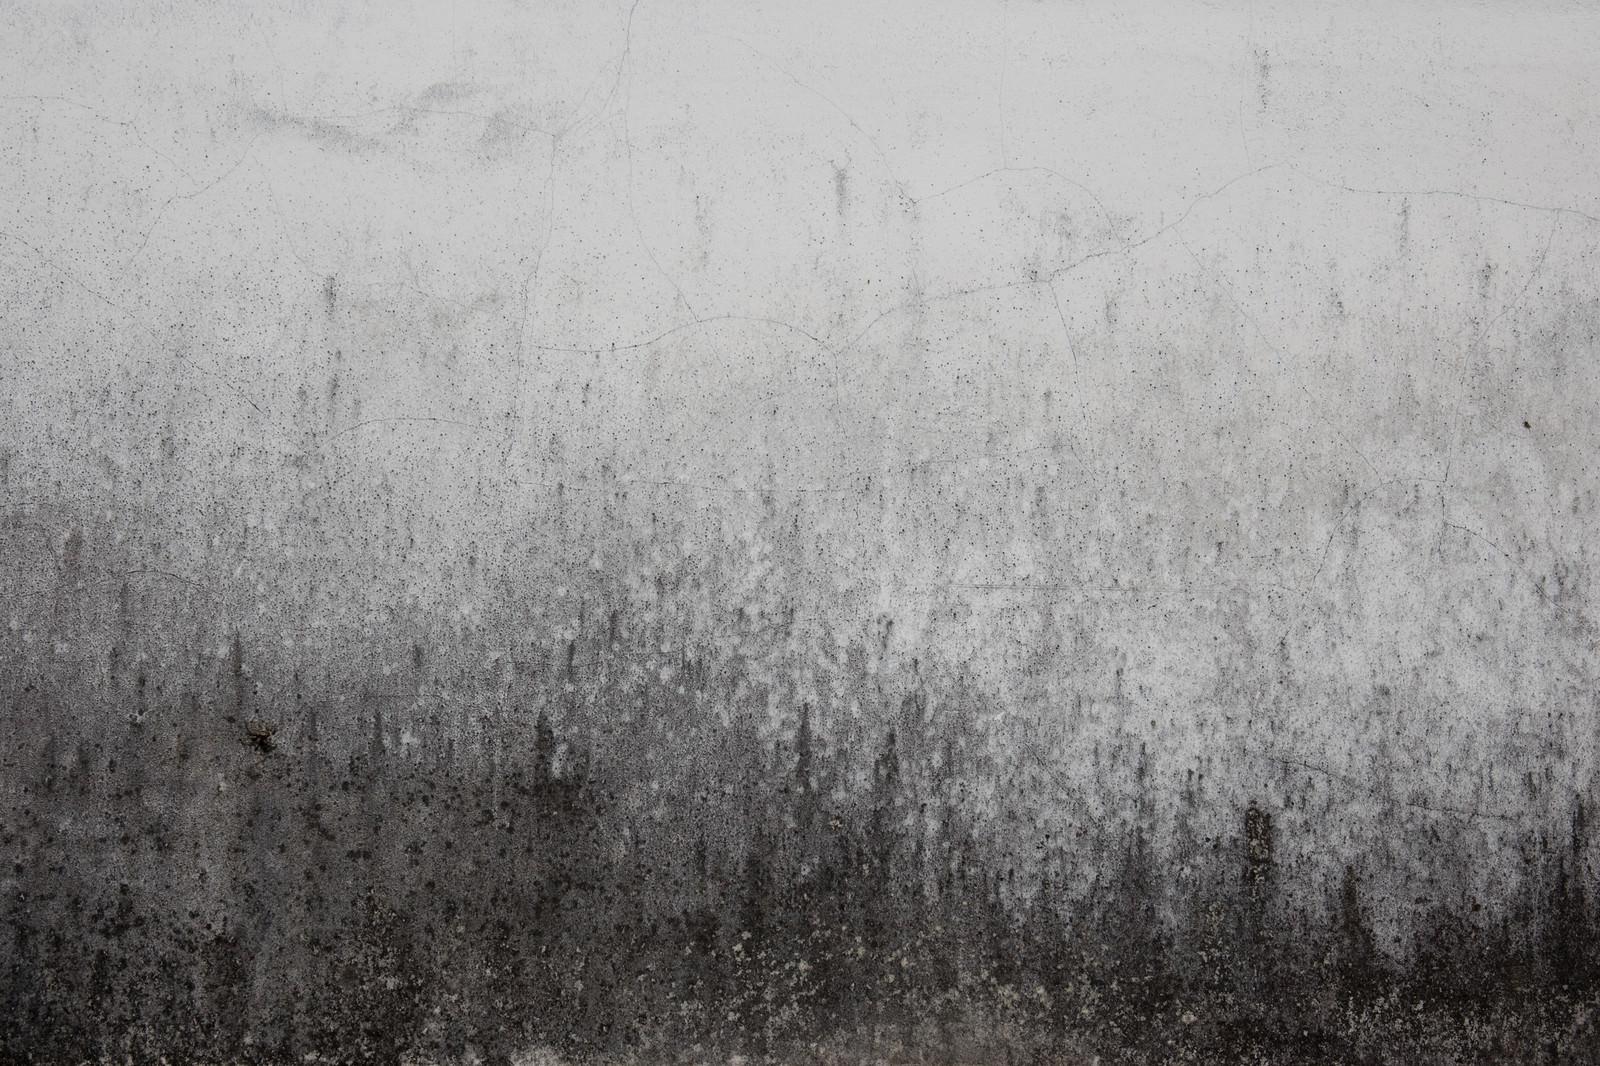 「黒くカビた壁(テクスチャ)」の写真